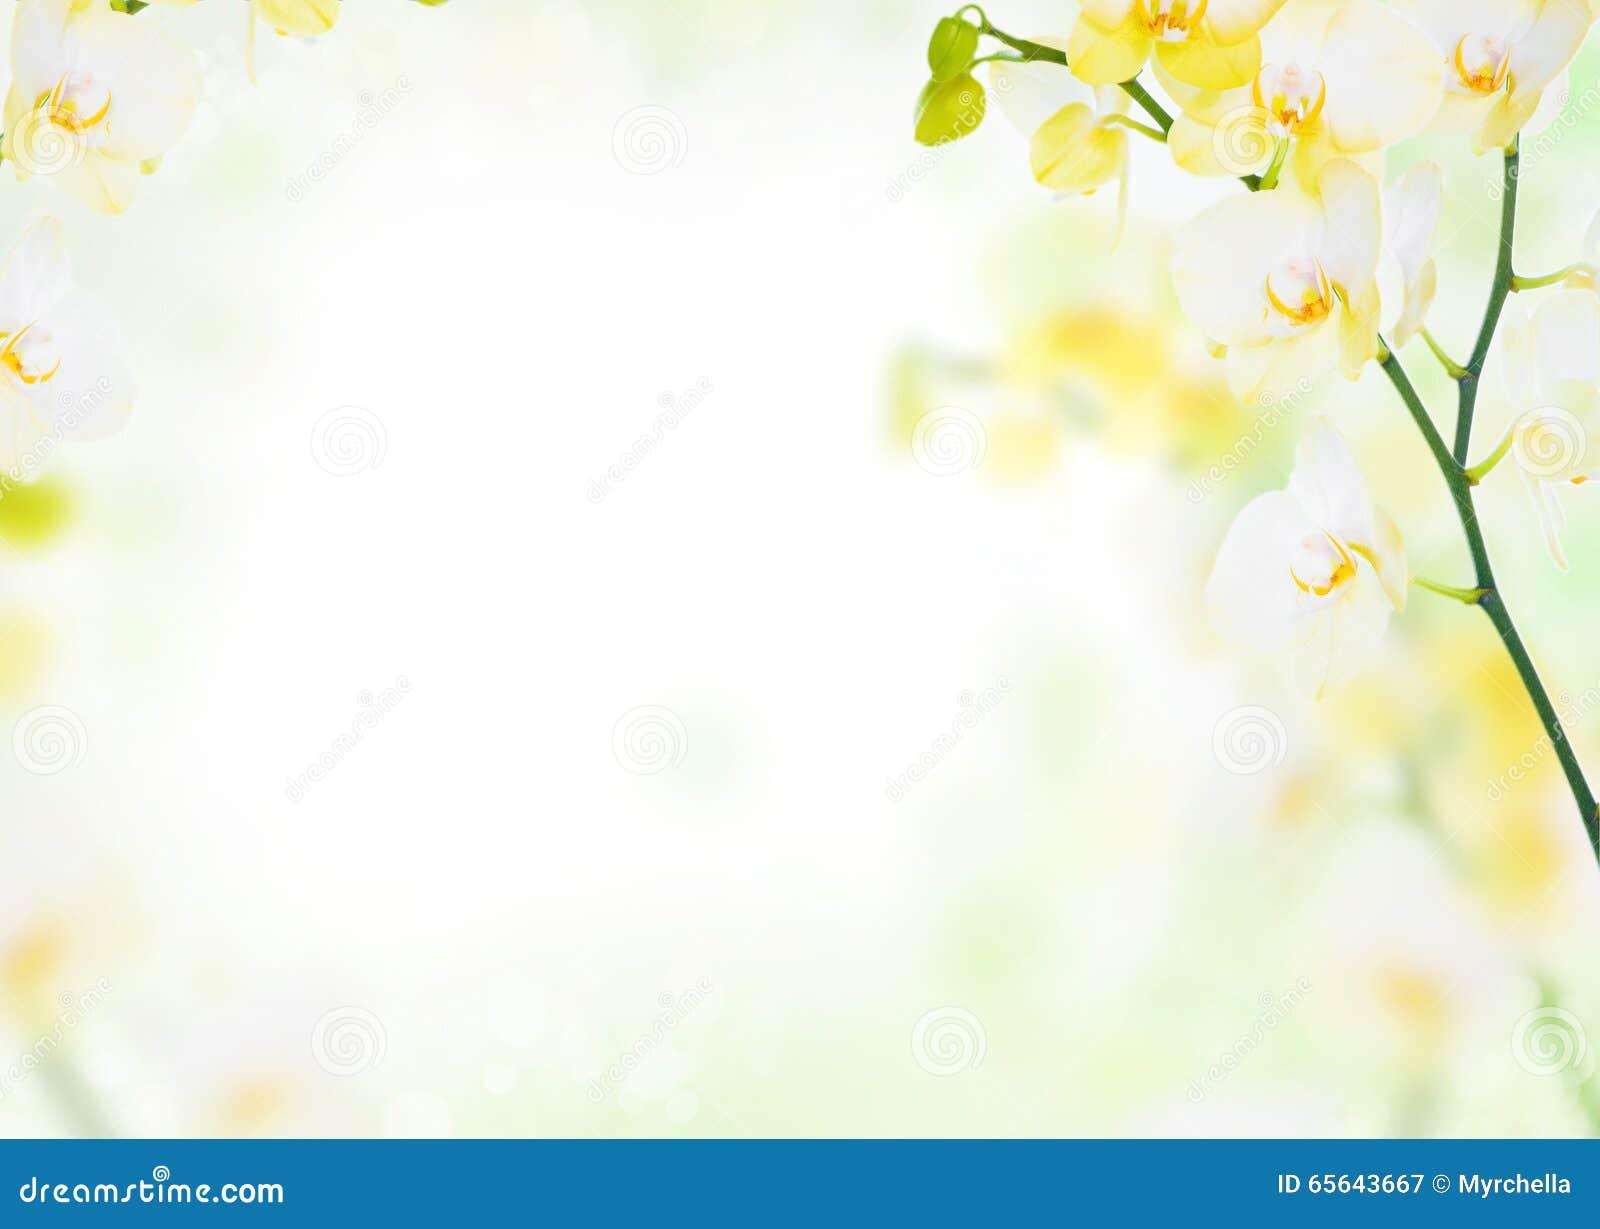 Gevoelige bloemachtergrond van gele orchideeën